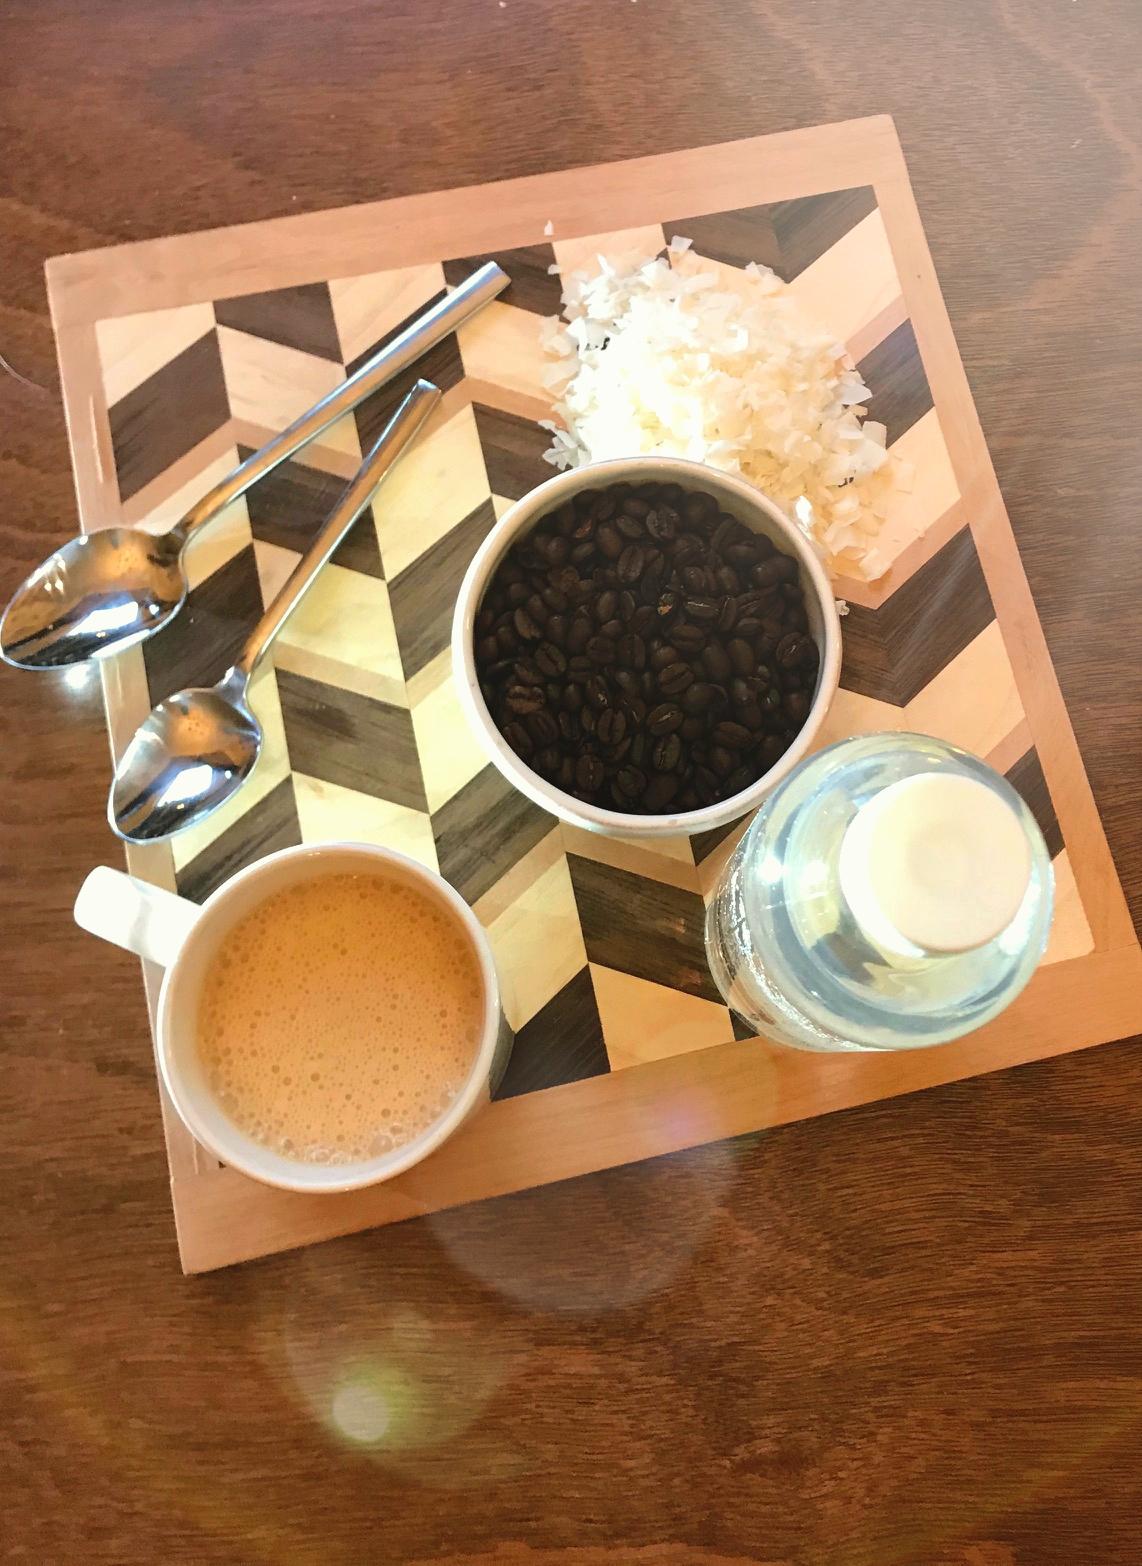 Blending MCT oil into the morning coffee - I feel lighter already...